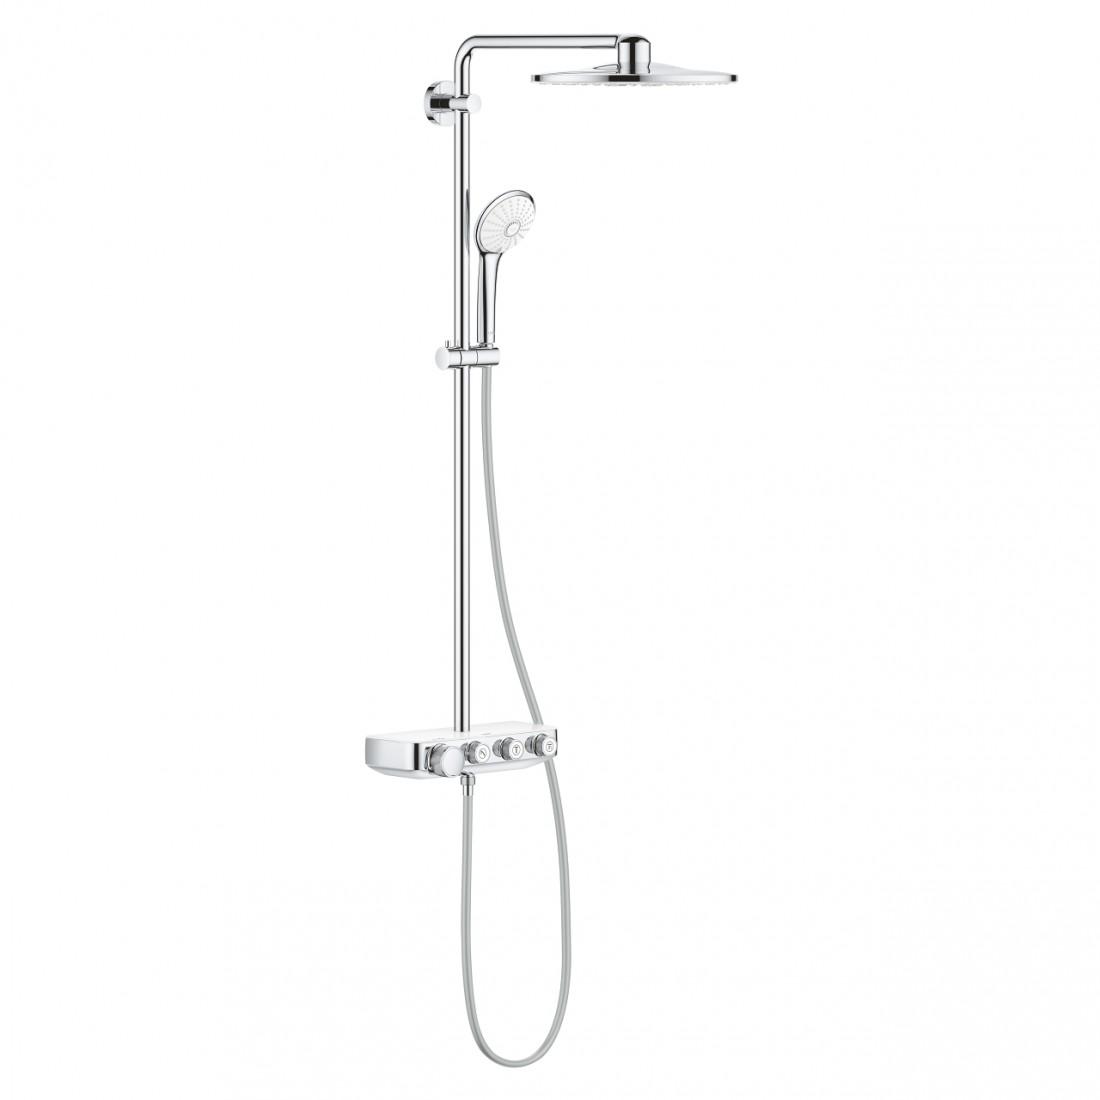 Virštinkinė dušo sistema Euphoria Smartcontrol 310, balta spalva